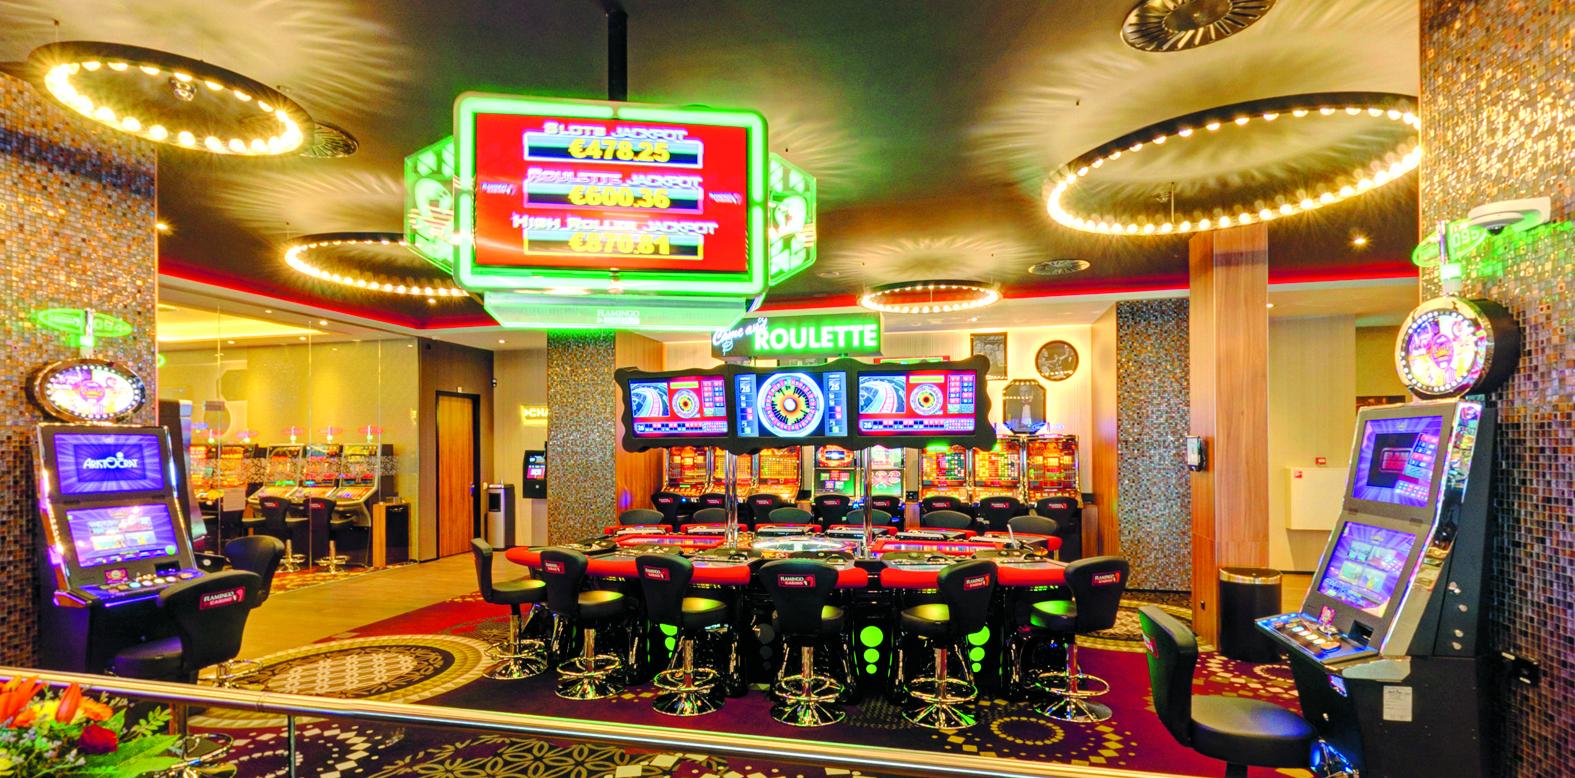 Party & Play bij Flamingo Casino Alkmaar. (Foto: aangeleverd)